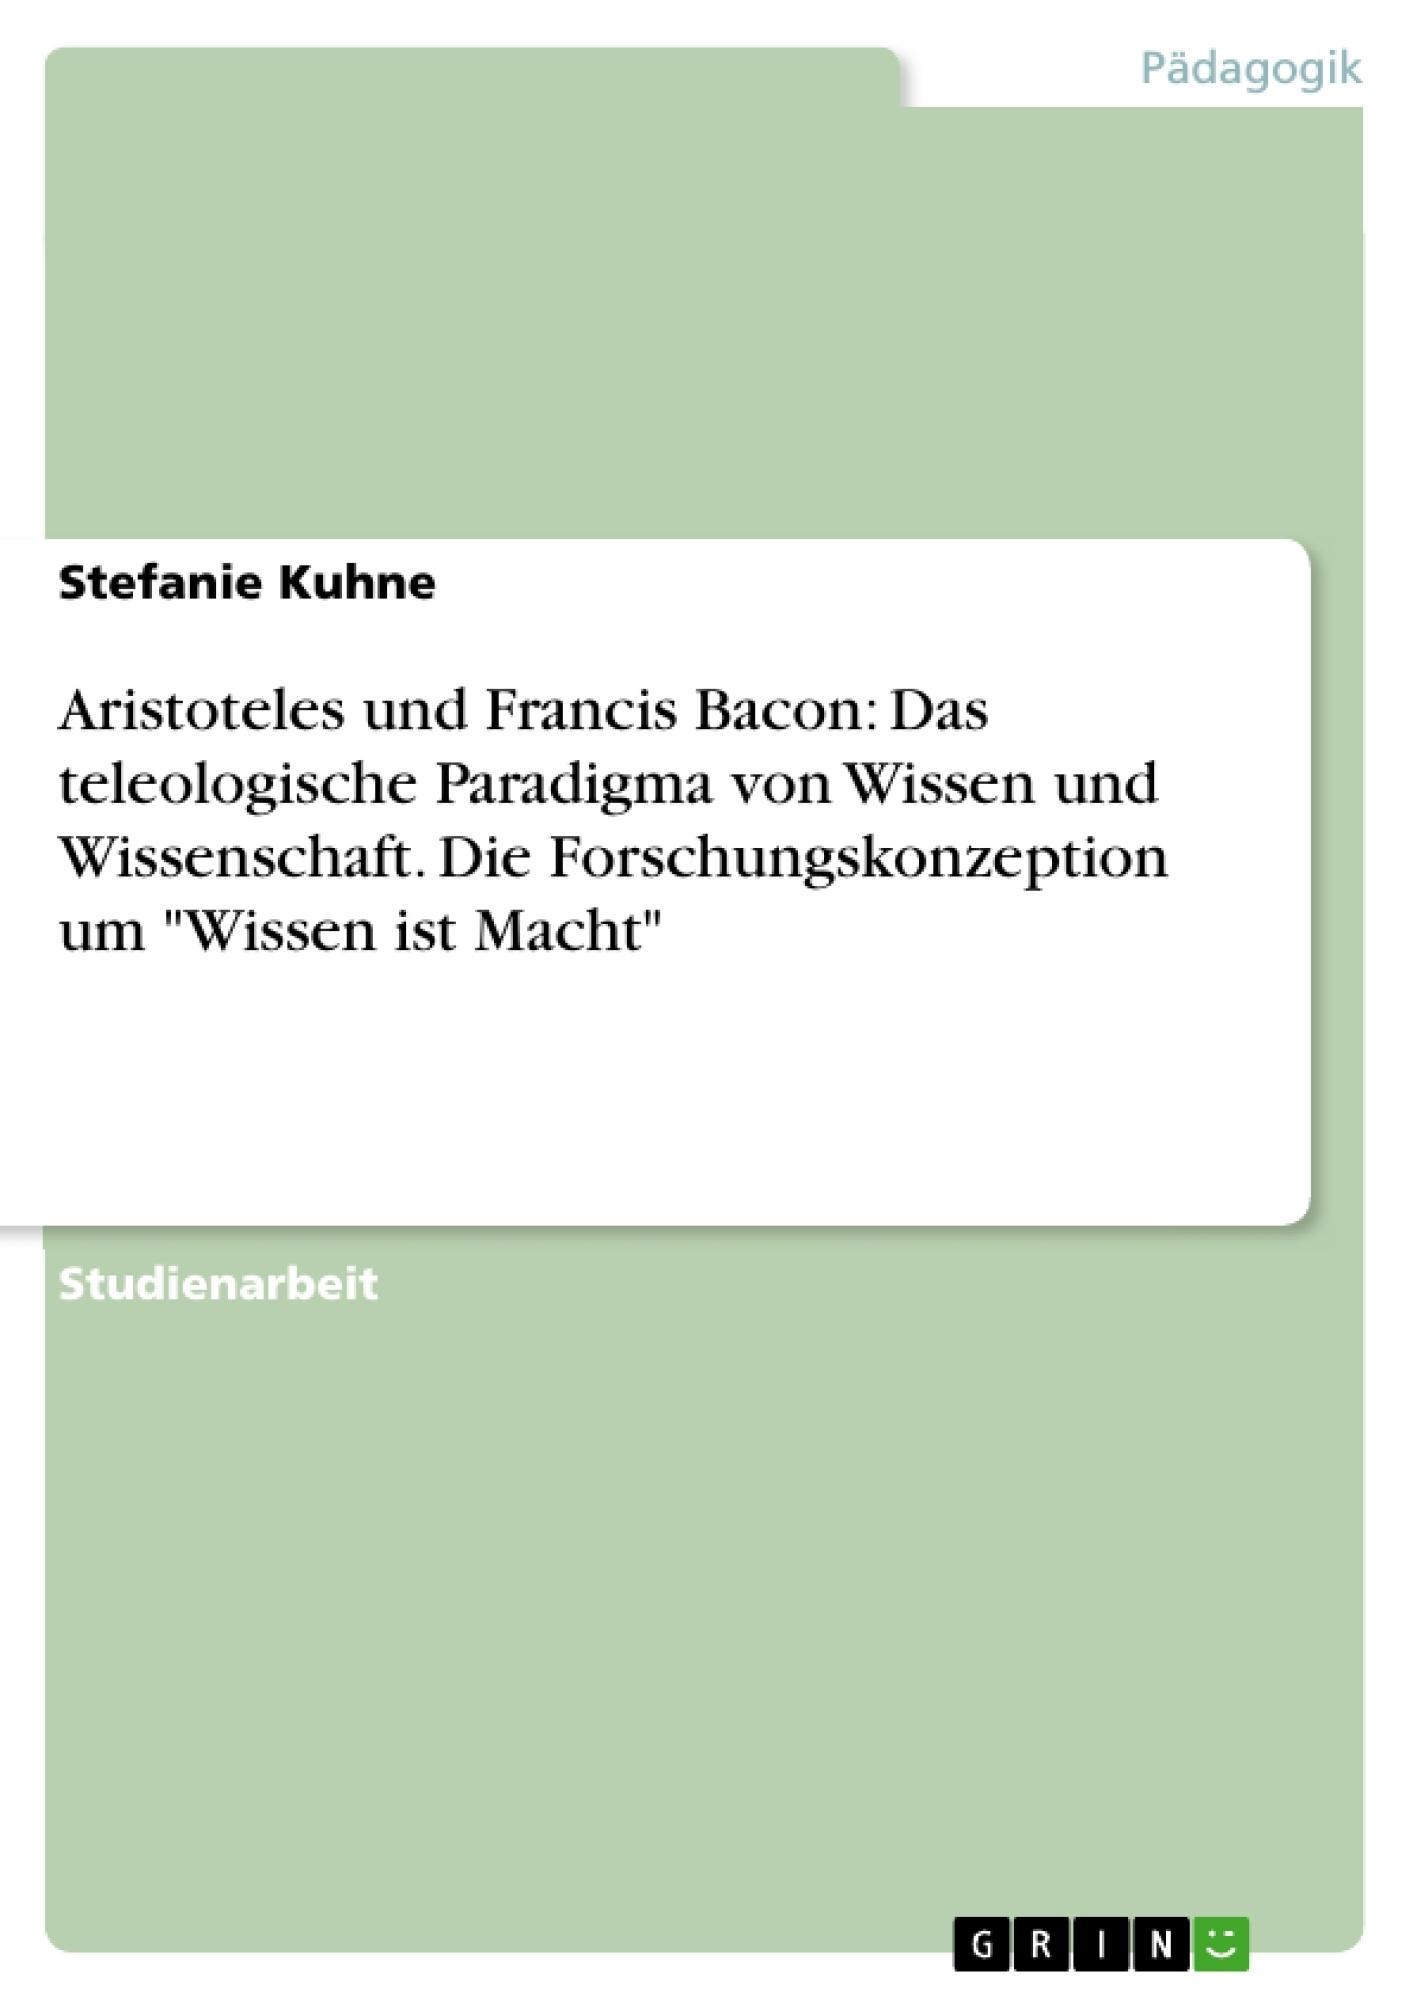 """Titel: Aristoteles und Francis Bacon: Das teleologische Paradigma von Wissen und Wissenschaft. Die Forschungskonzeption um """"Wissen ist Macht"""""""